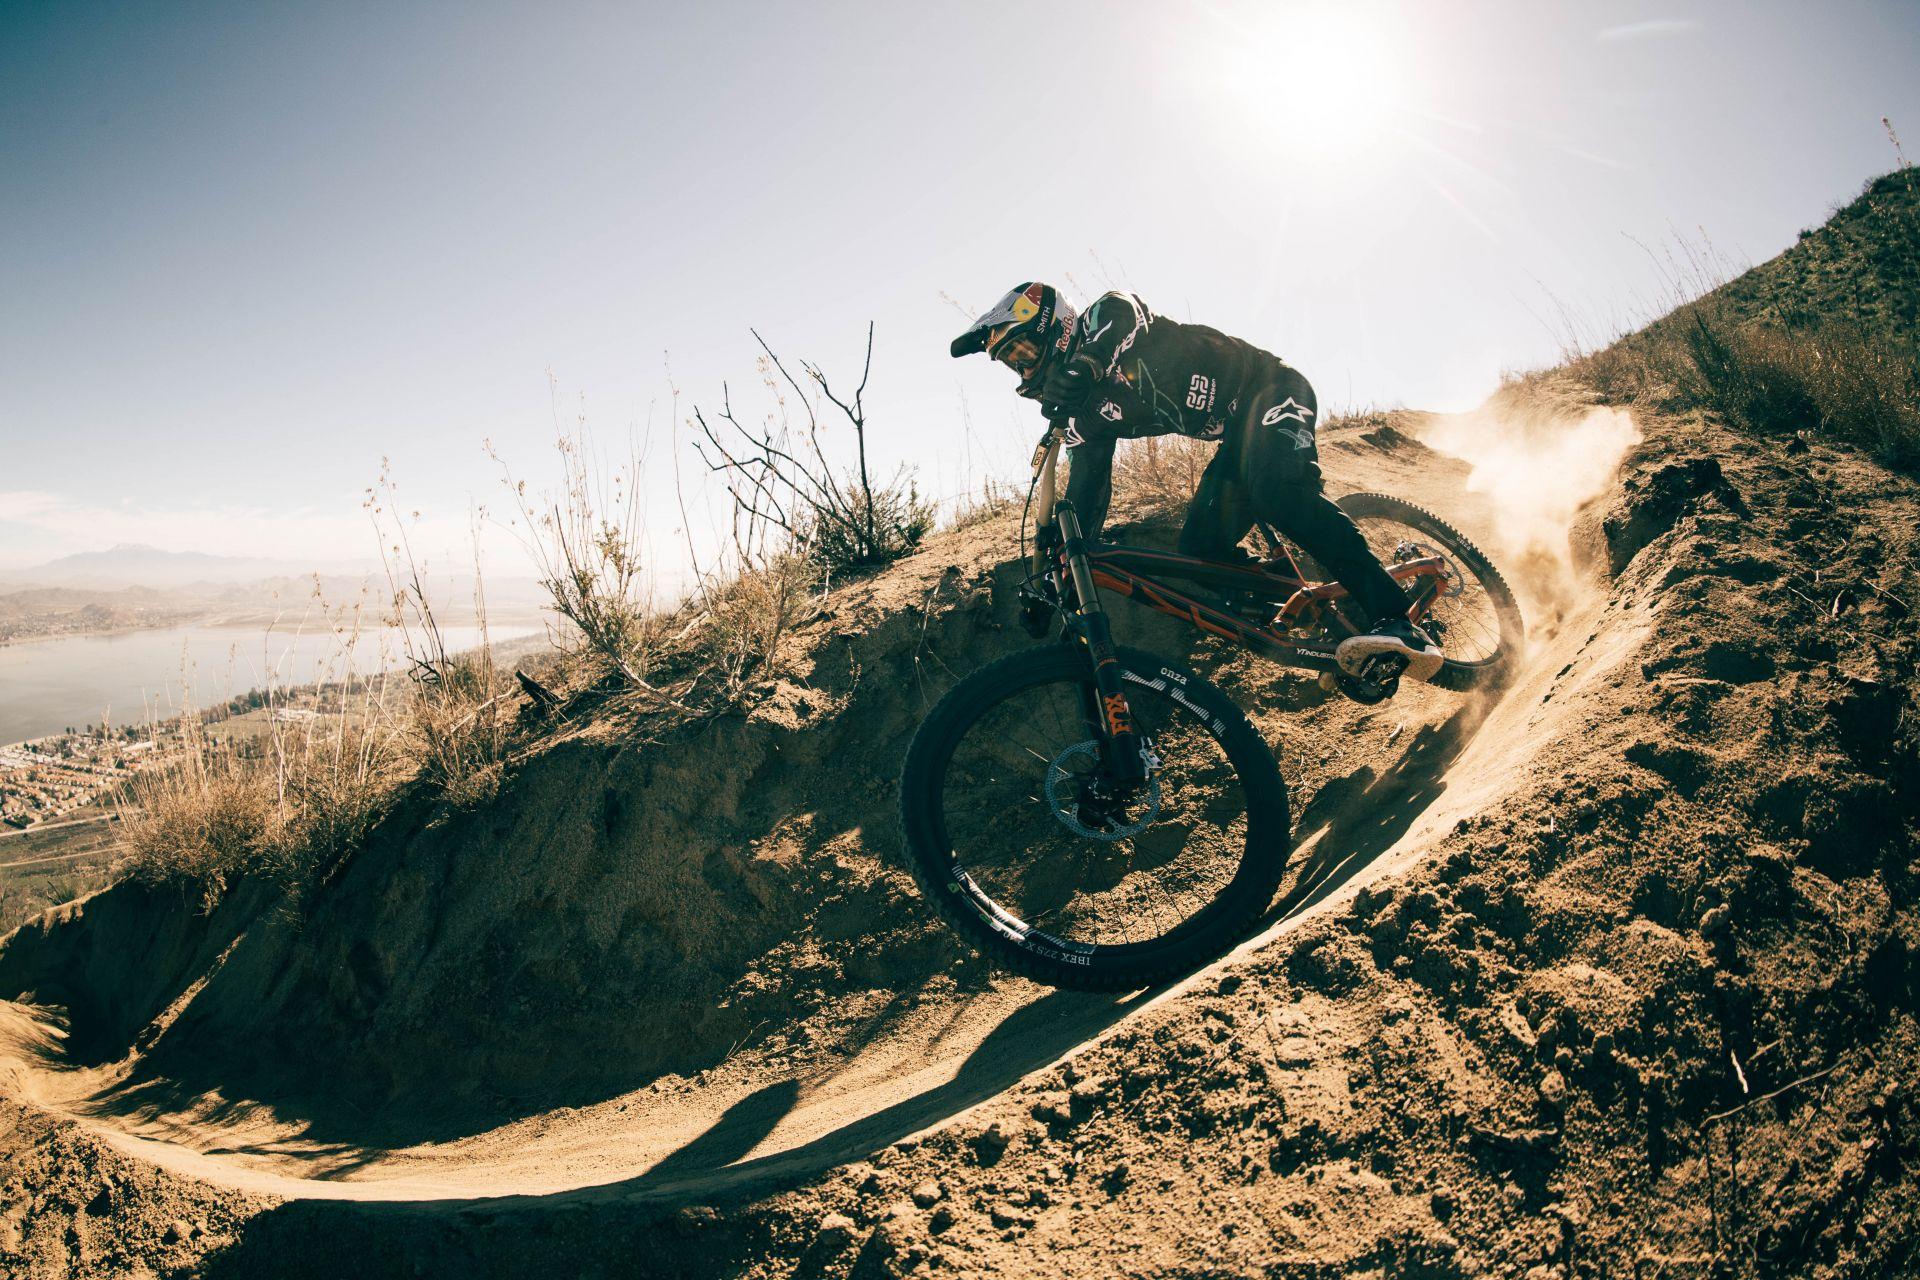 Aaron Gwin riding in California